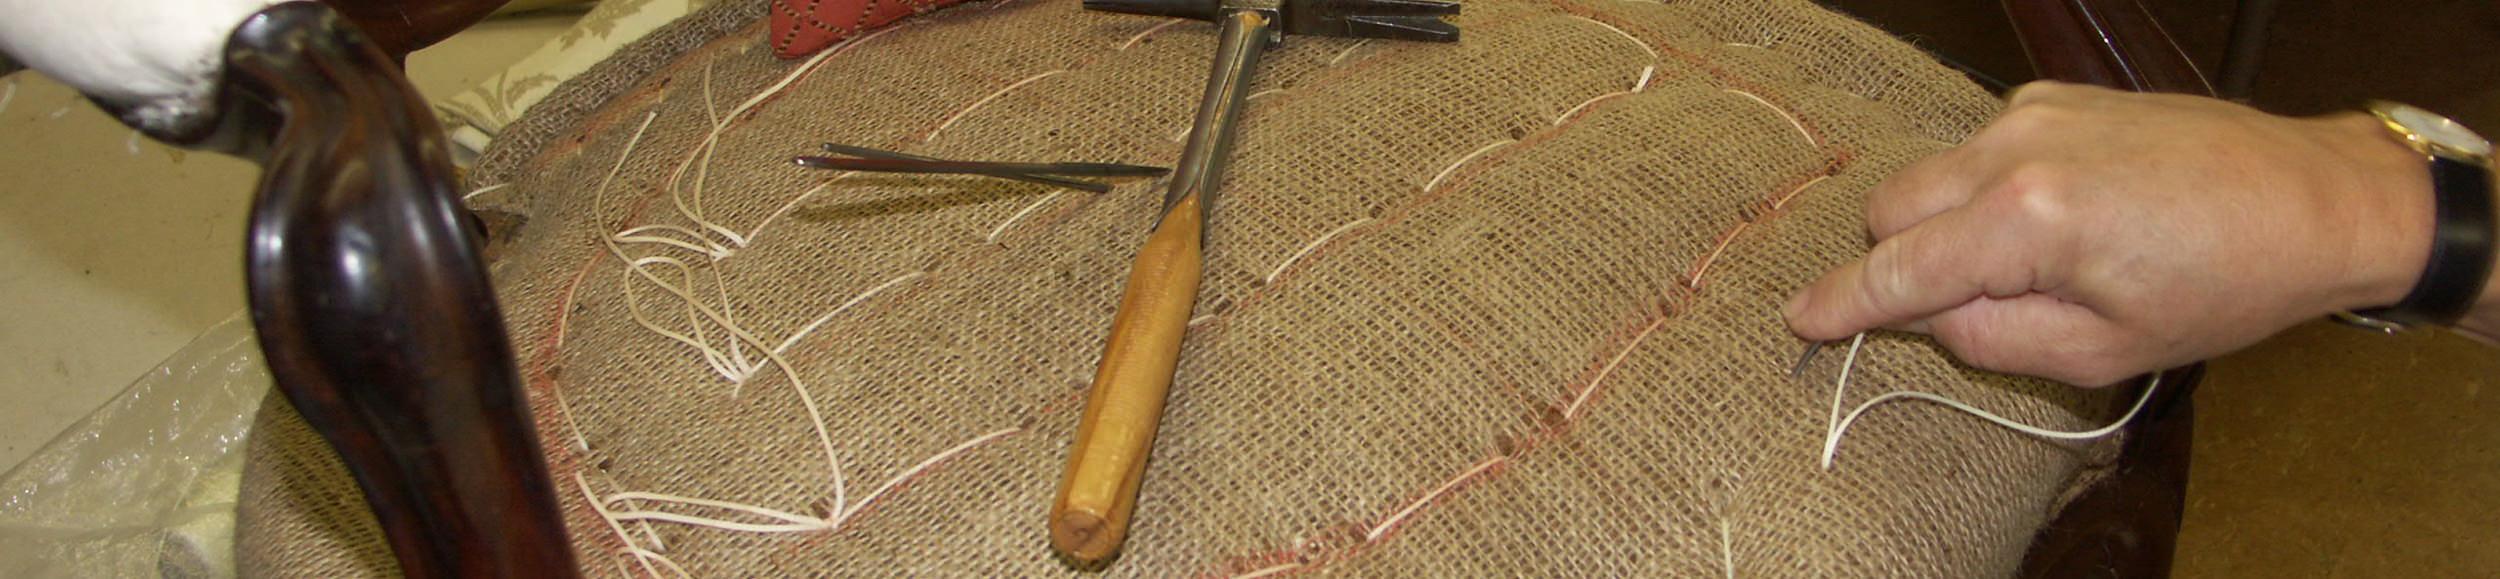 M bel restaurieren in der hauseigenen polsterei for Am fischmarkt